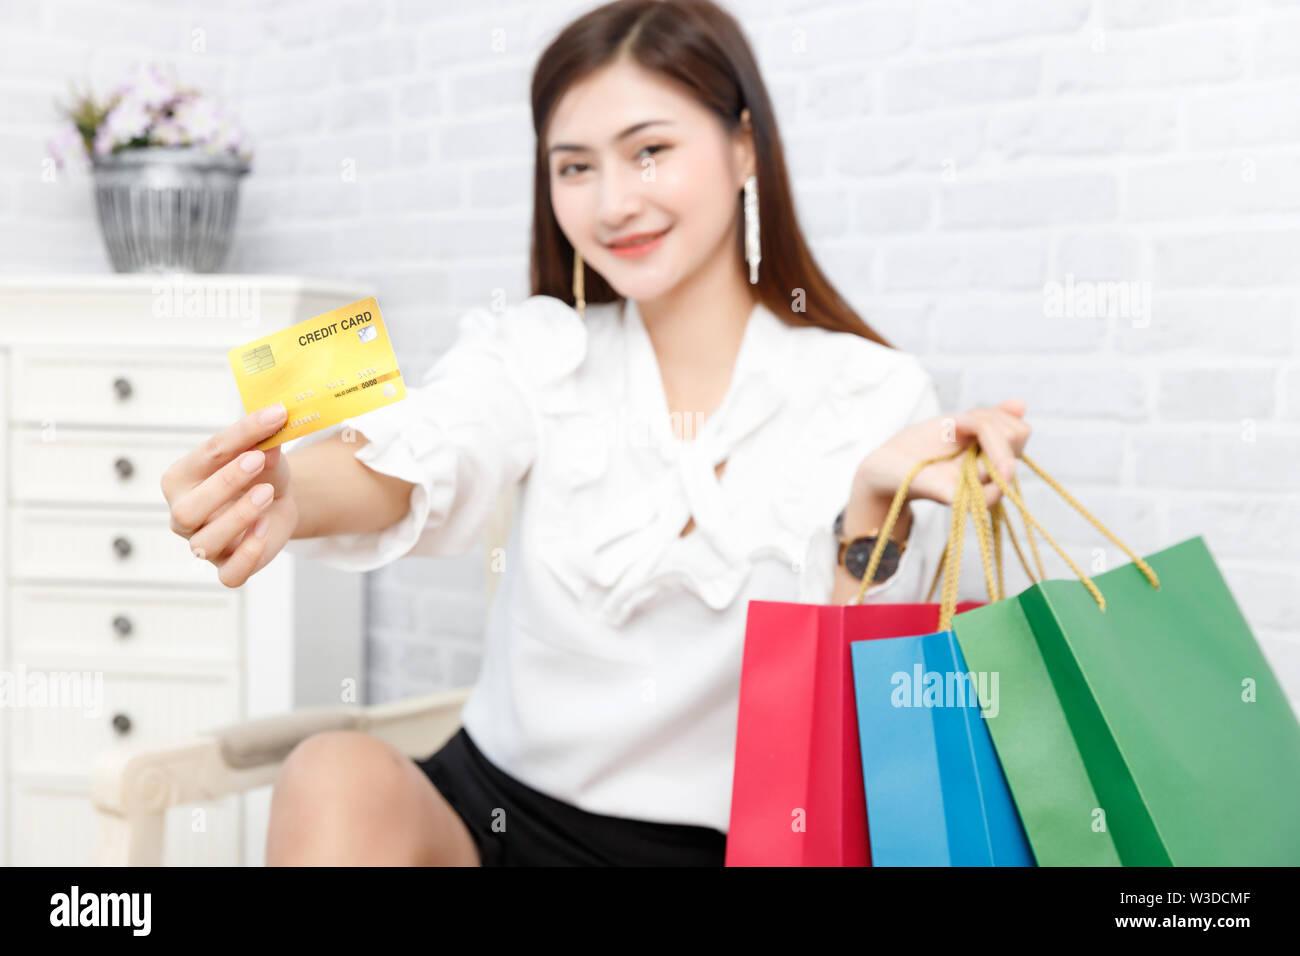 Compras de la mujer Hombre que paga. La mano del hombre la celebración de muchas bolsas de la compra mujer dándole una tarjeta de crédito. Aislado en